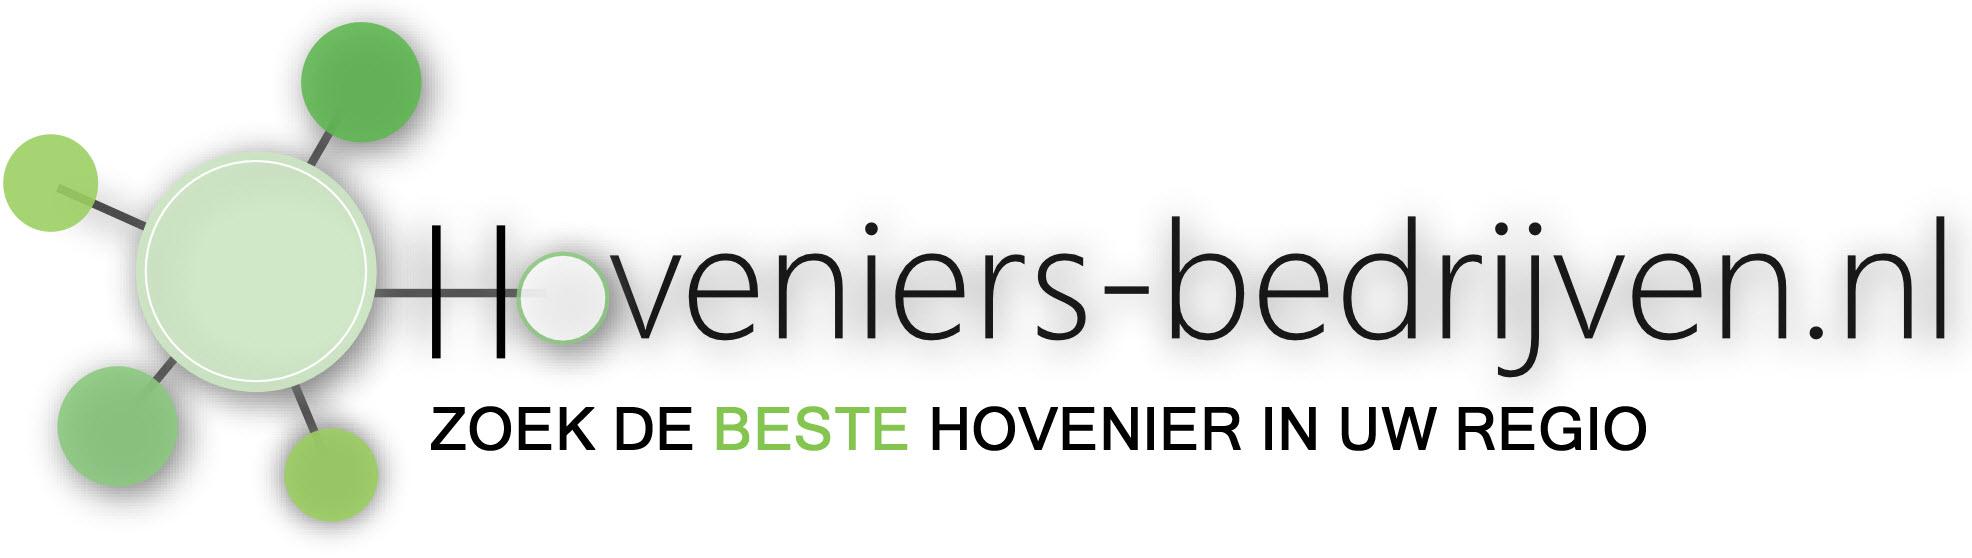 Hoveniers-bedrijven.nl